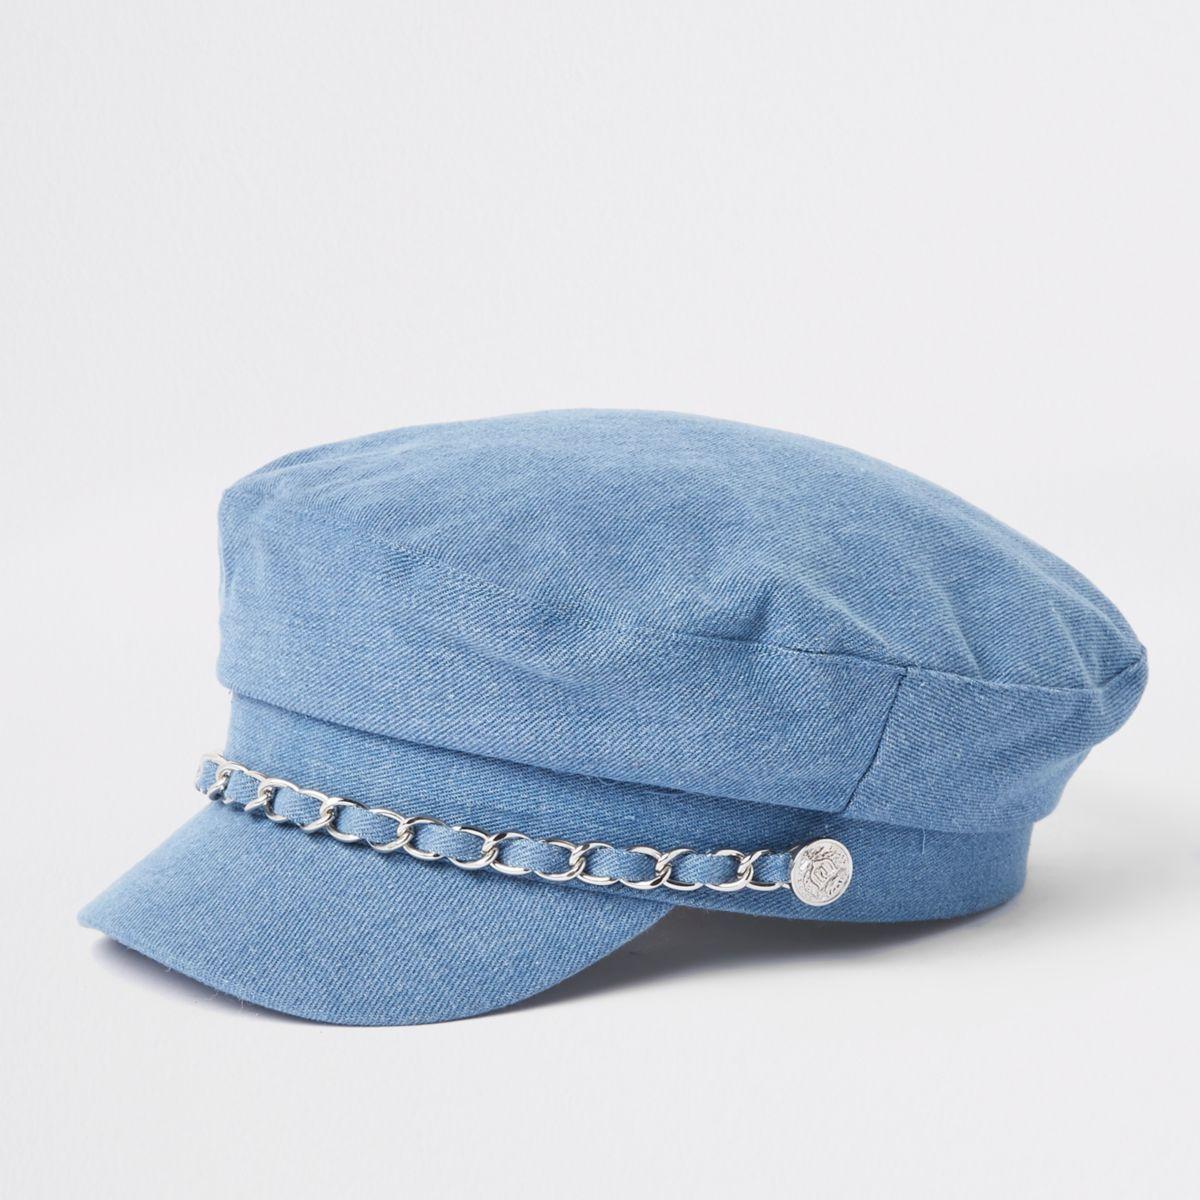 Casquette gavroche en denim bleu à bordure chaîne pour fille